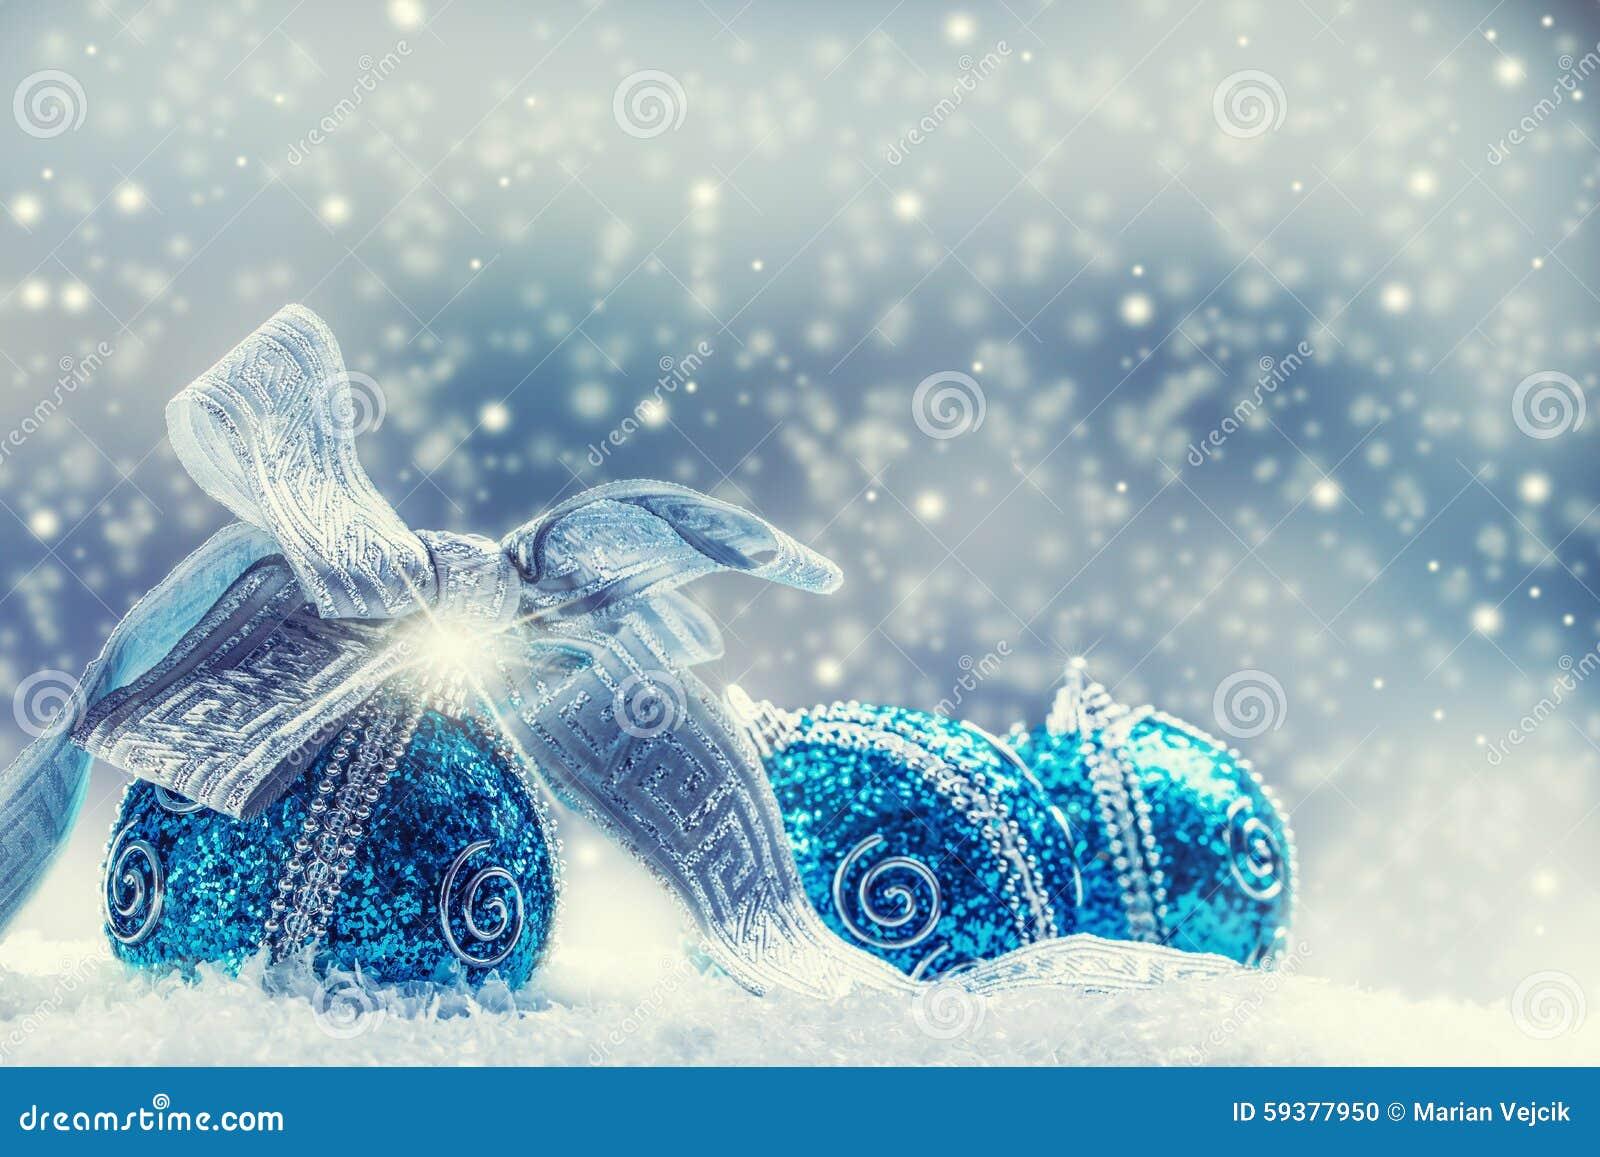 Kerstmis Kerstmis blauwe ballen en zilveren lintsneeuw en ruimte abstracte achtergrond